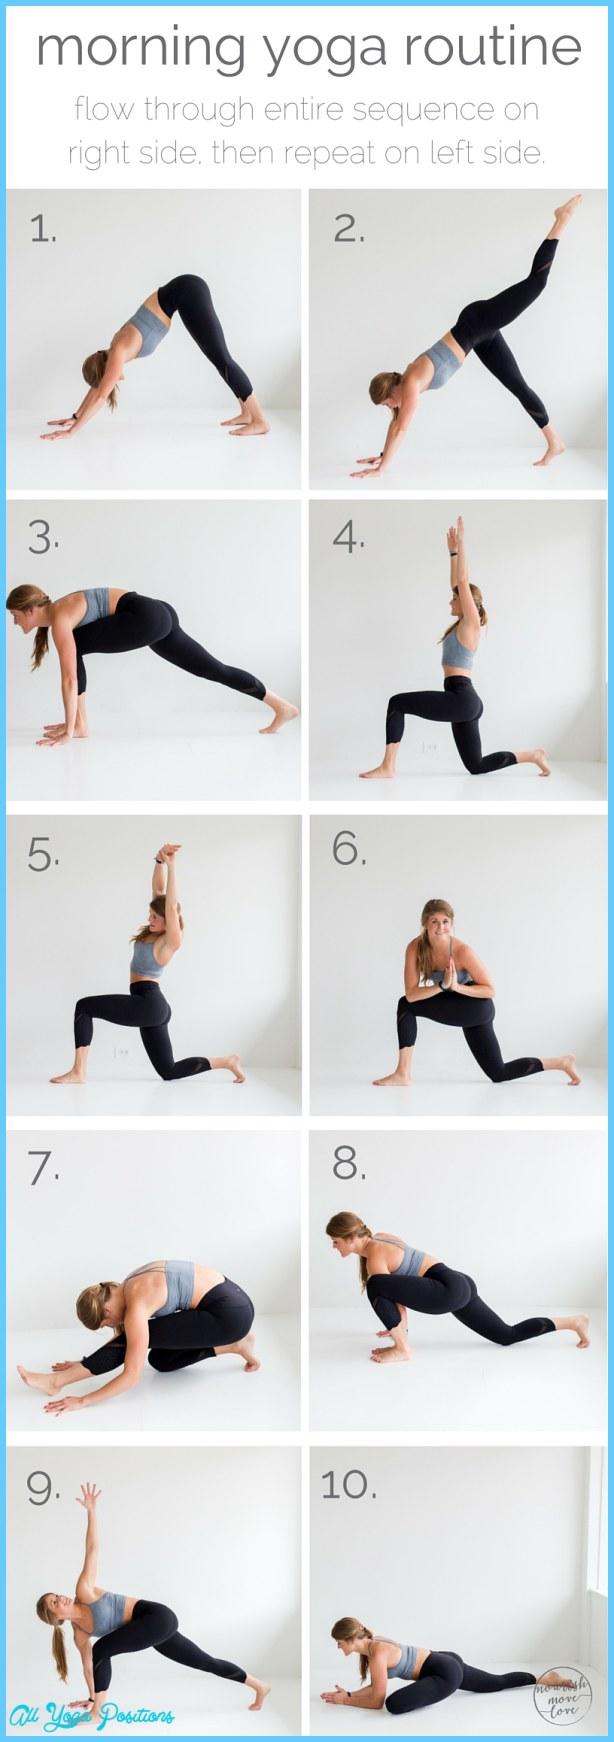 10+ Easy Yoga Poses_17.jpg